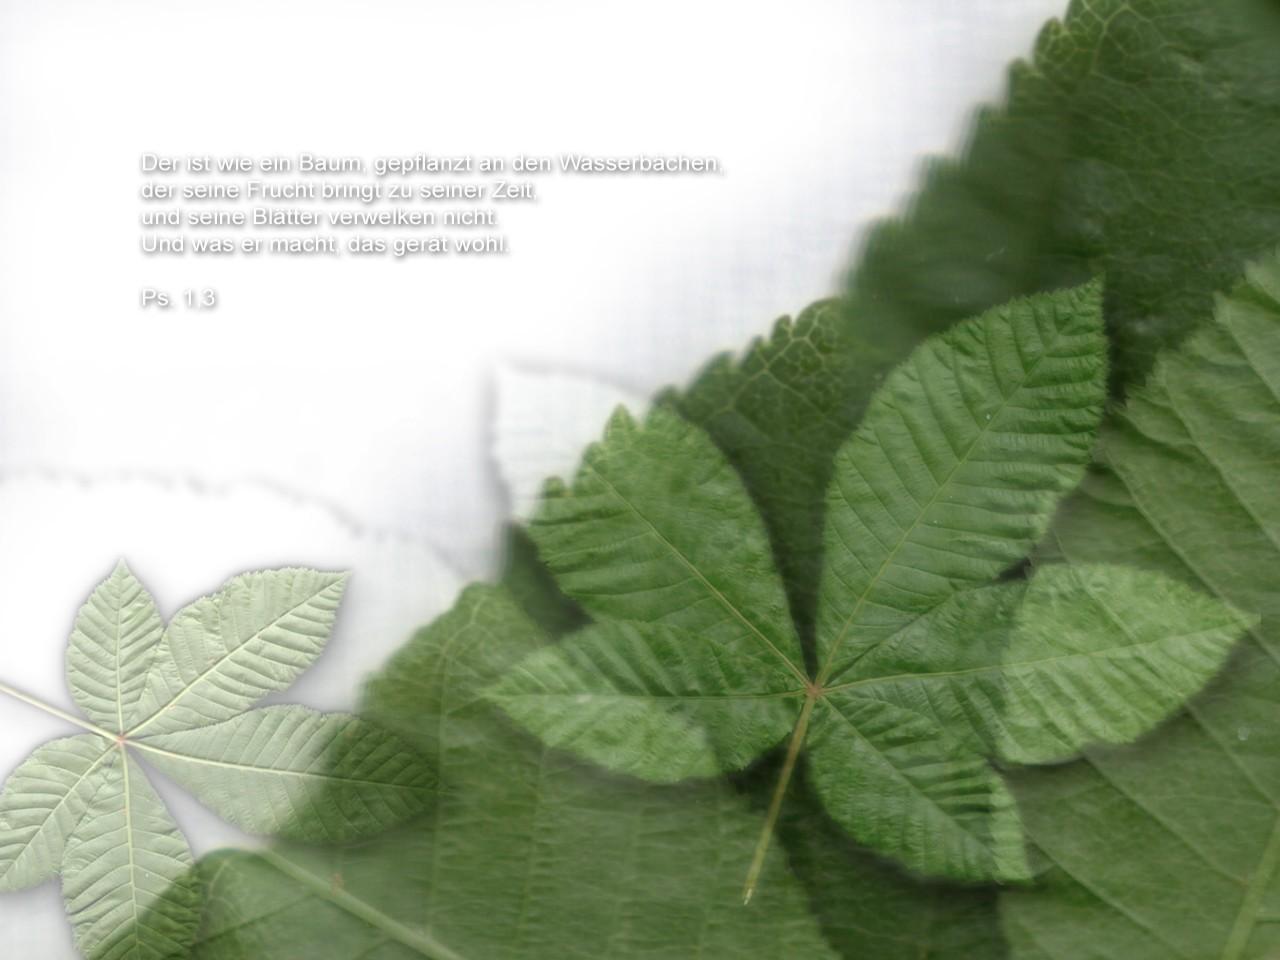 Wie ein baum gepflanzt an wasserb chen christliche hintergrundbilder - Christliche hintergrundbilder ...